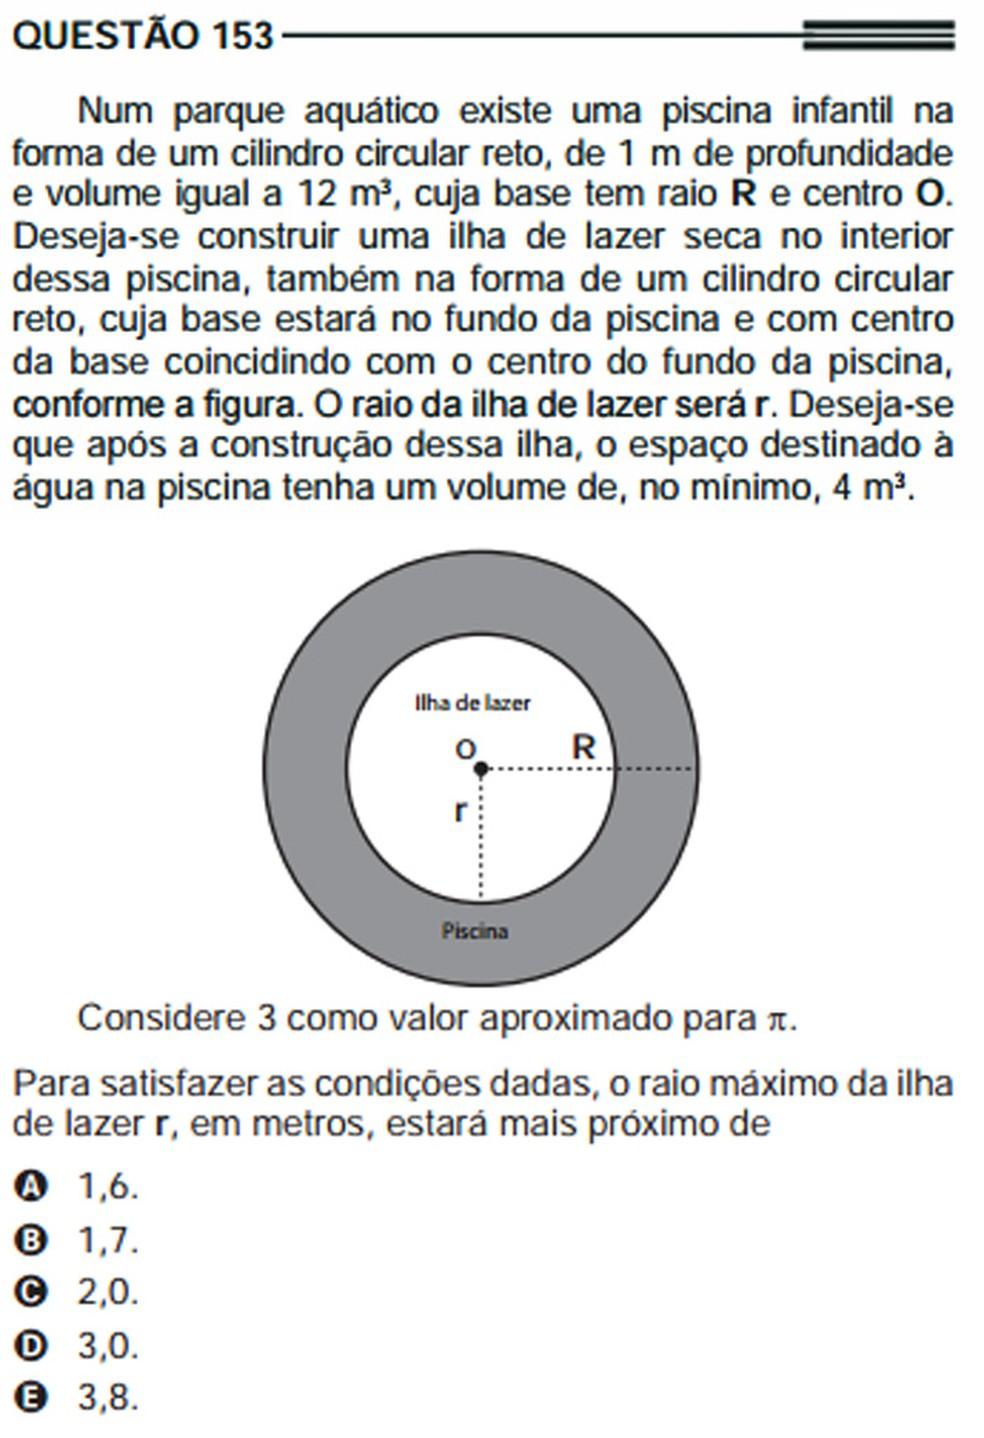 Questão do Enem 2013 (prova cinza) (Foto: Reprodução)